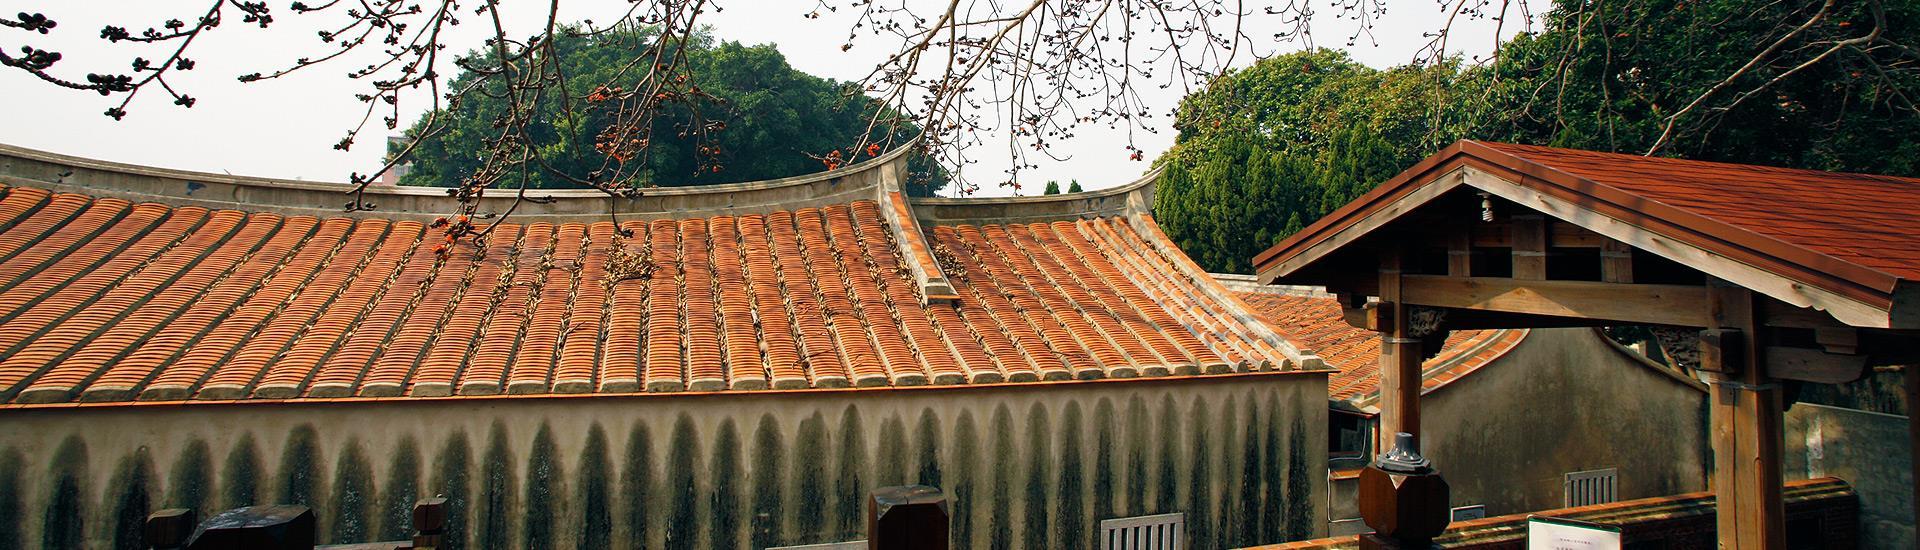 Residencia Gulongtou Zhenwei